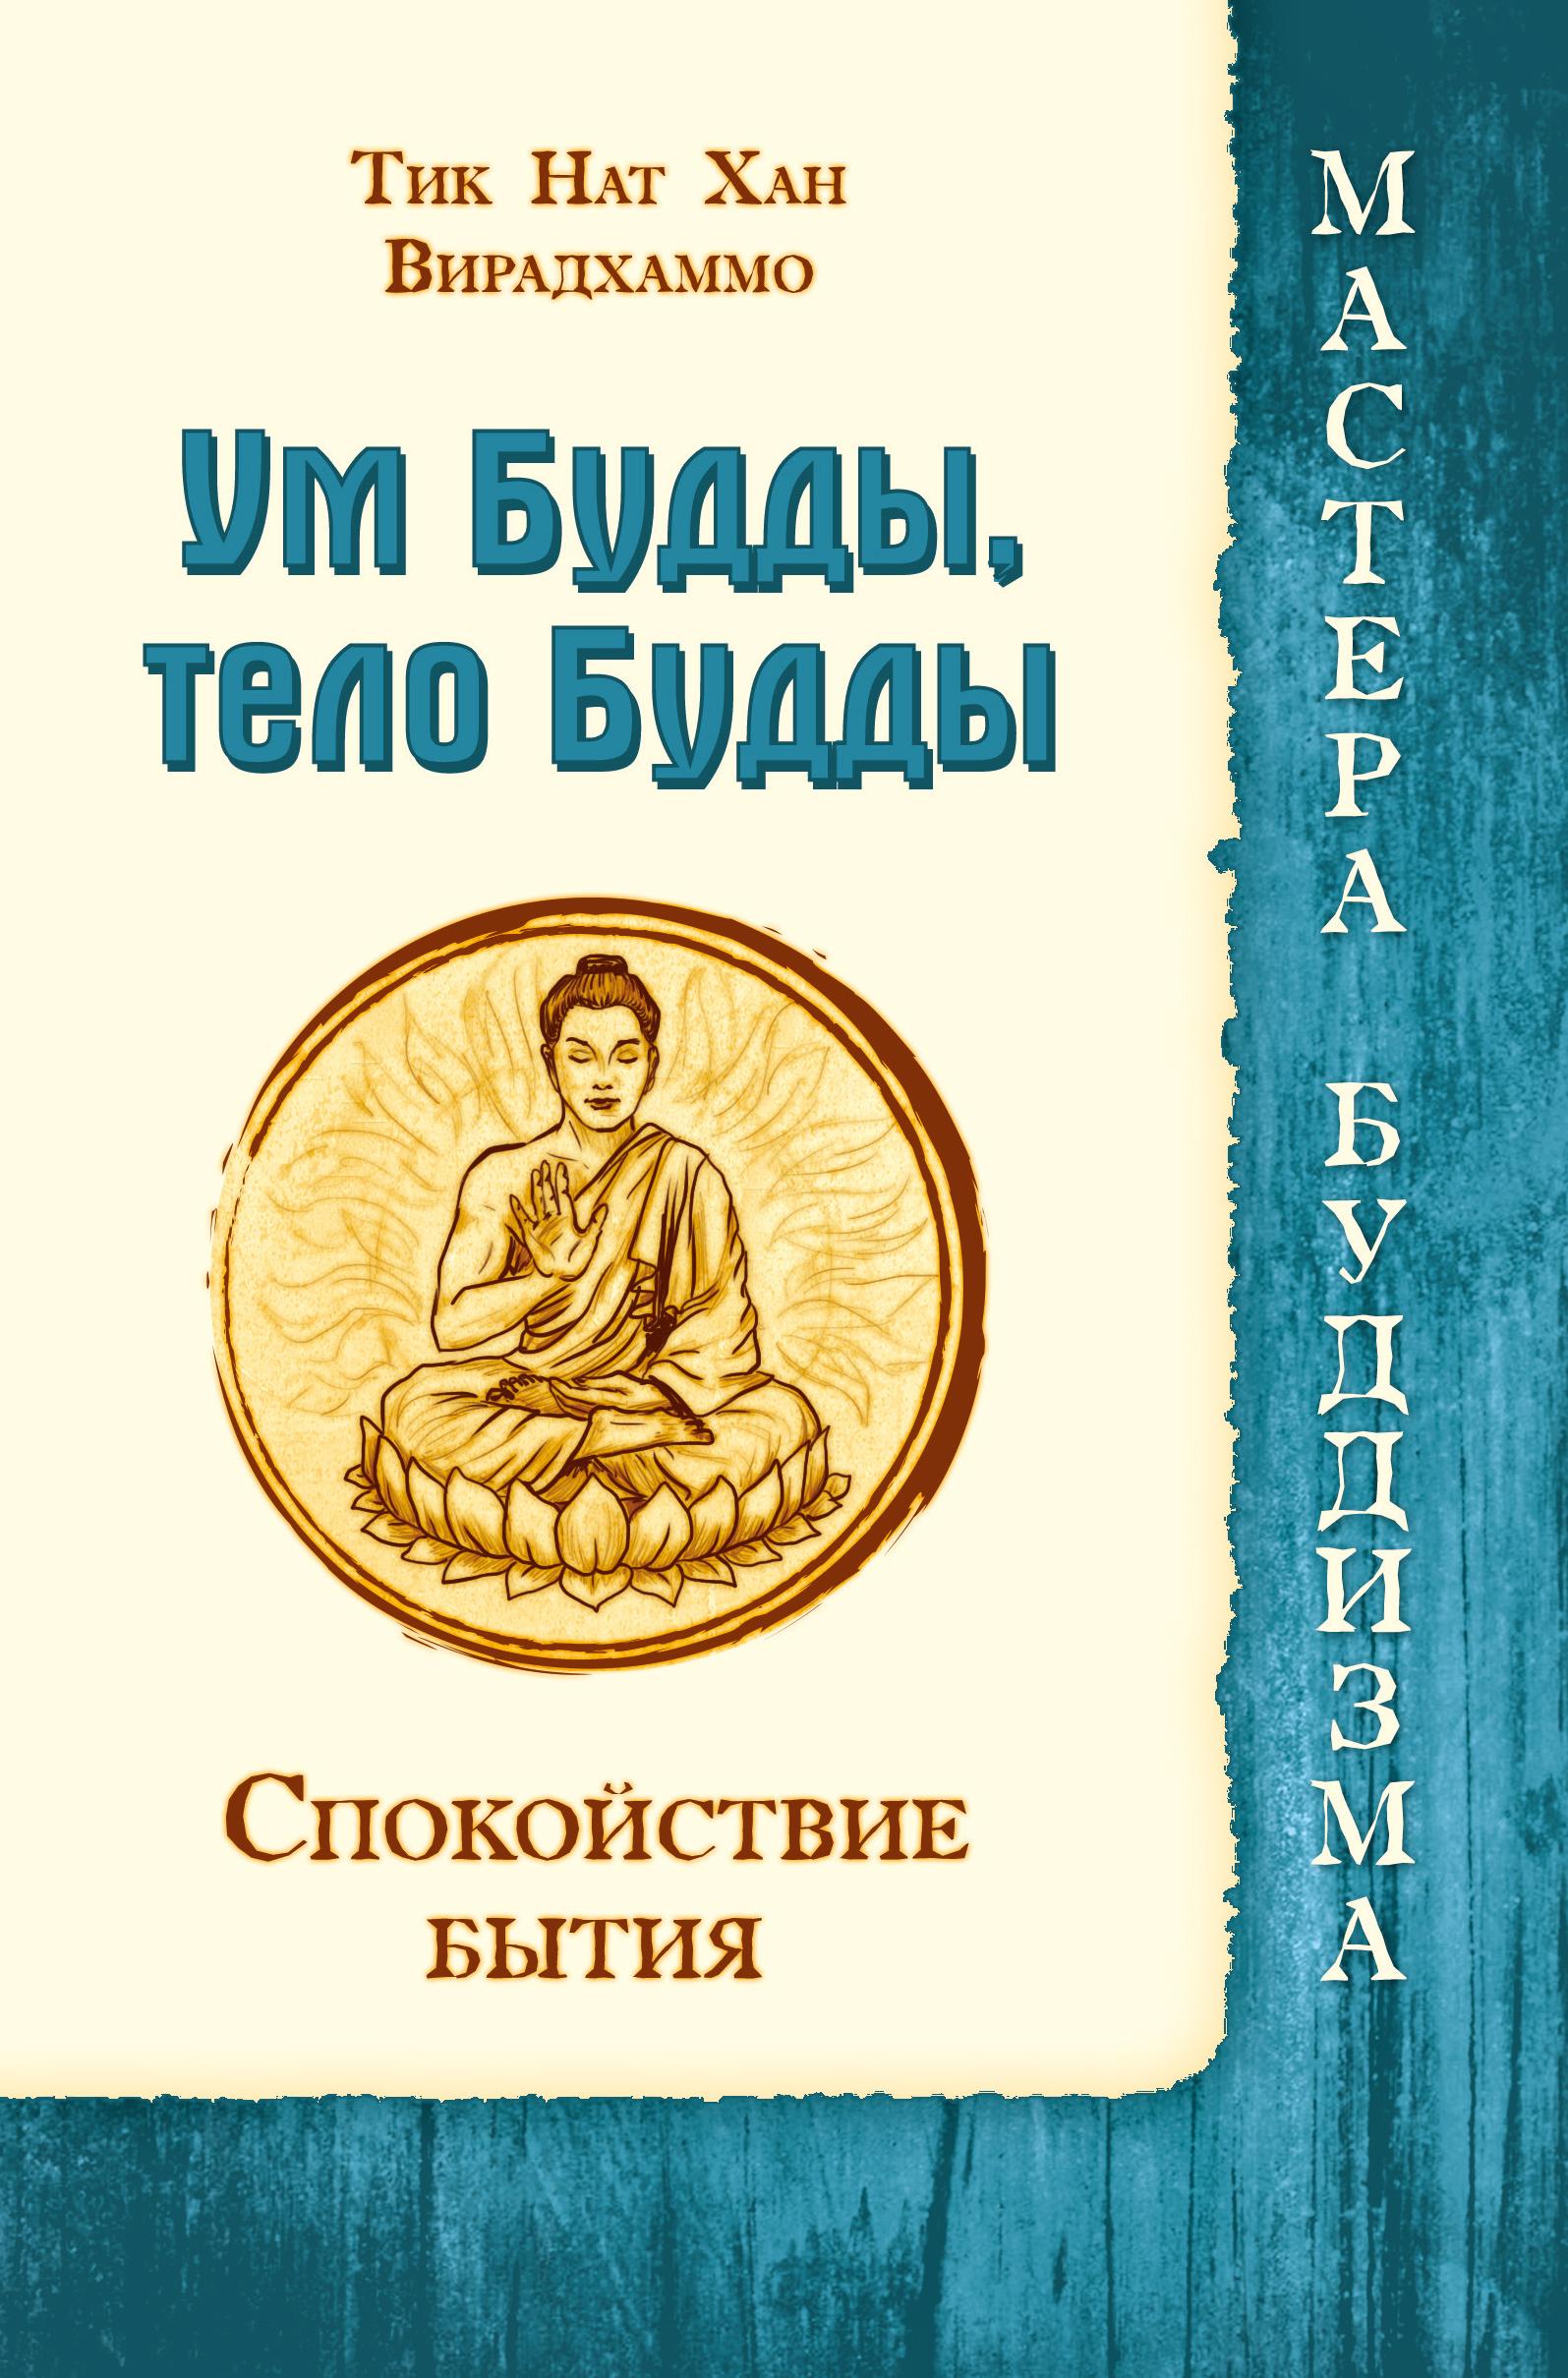 Ум Будды, тело Будды. Спокойствие Бытия